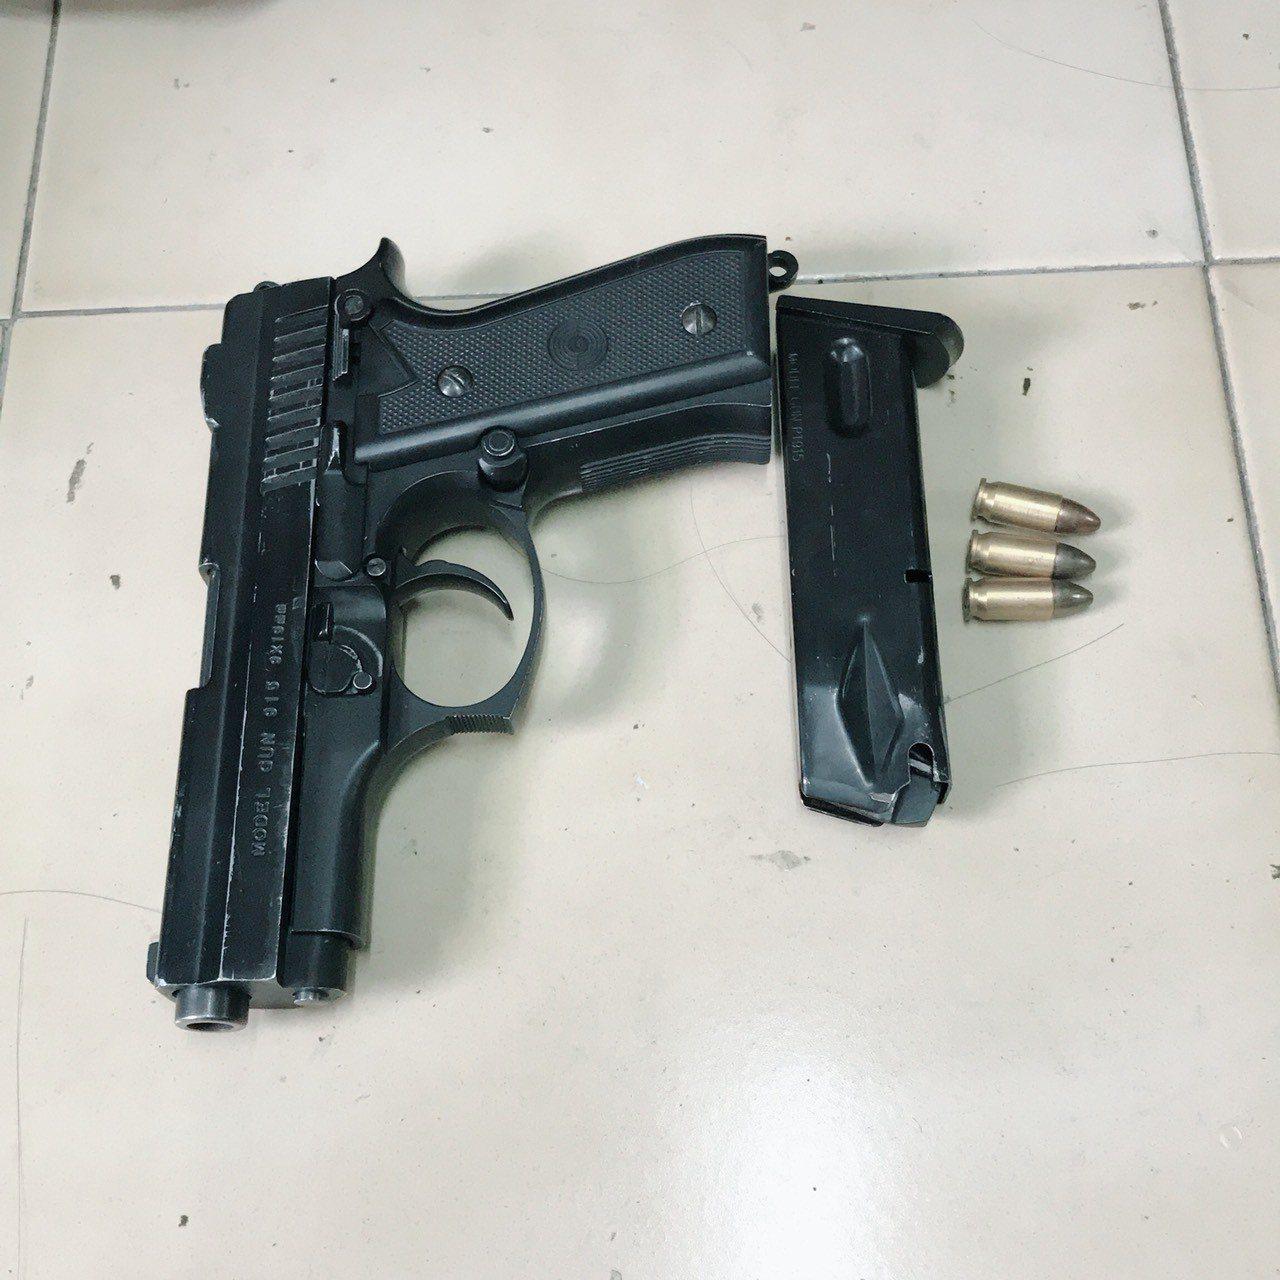 警方查獲改造的JP-915金牛座手槍。記者劉星君/翻攝